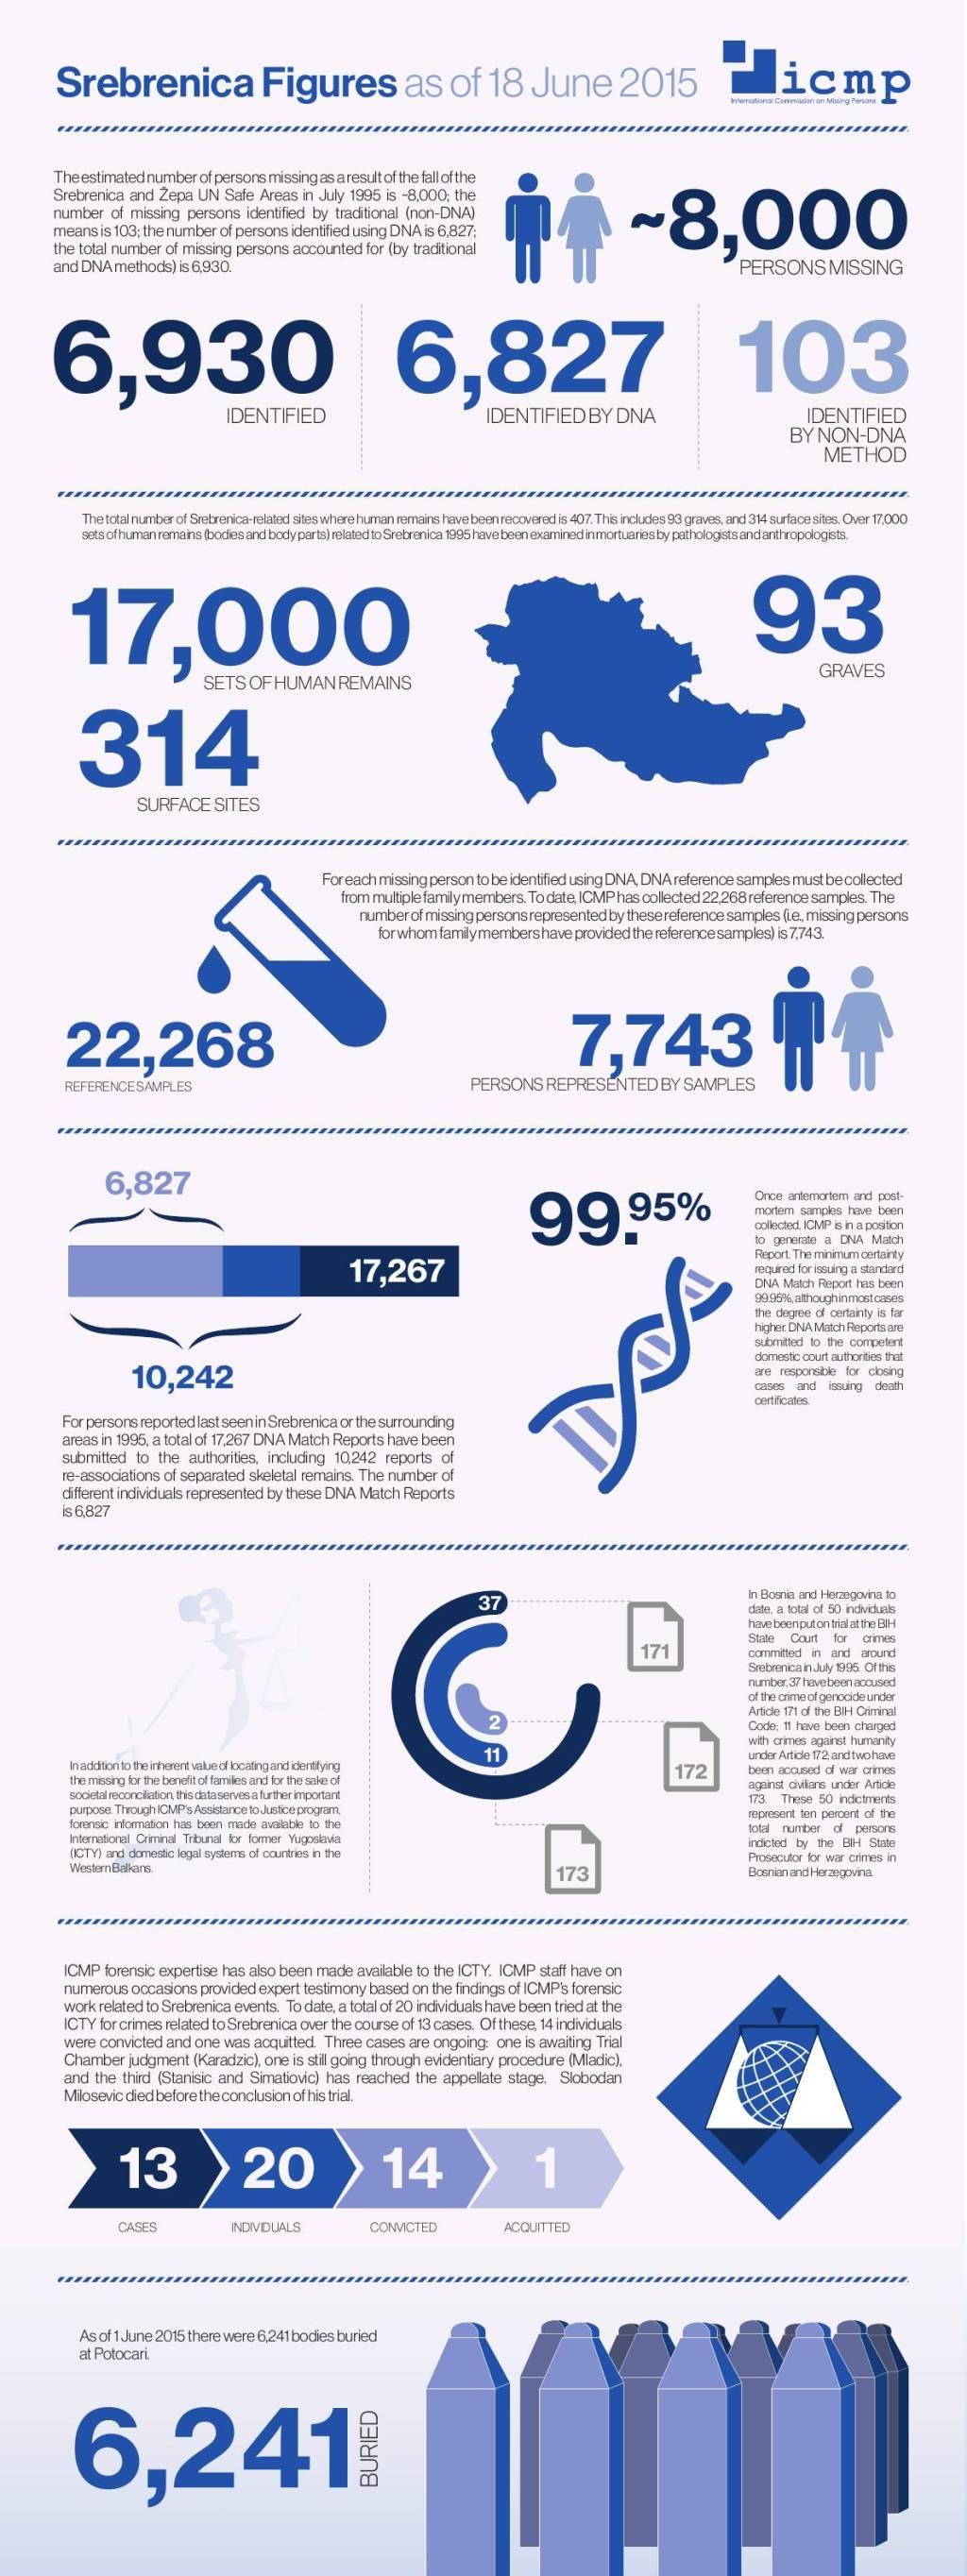 Γεγονότα και αριθμοί από το International Commission on Missing Persons ICMP, μέχρι τον Ιούνιο του 2015. Με επιστημονική μεθοδολογία, έχει βρεθεί σχεδόν το 90% των αγνοουμένων της Σρεμπρένιτσα. Εχουν ταυτοποιηθεί 6.827 άτομα με τη μέθοδο του DNA και 103 με συμβατικές μεθόδους, από 17.000 πτώματα ή υπολείμματα πτωμάτων που έχουν συλλεχθεί από 403 τάφους, εκ των οποίων 93 μεγάλοι μαζικοί τάφοι και 314 μικρότεροι ή επιφανειακοί. Συγγενείς αγνοουμένων και θυμάτων έχουν δώσει συνολικά 22.268 δείγματα DNA, τα οποία αντιστοιχούν σε 6.827 ταυτοποιημένους νεκρούς μέχρι στιγμής. Οι 6.241 εξ αυτών έχουν ήδη ταφεί στο μνημείο στη Σρεμπρένιτσα. Ανάμεσα στα ταυτοποιημένα θύματα, υπάρχει κι ένας νεαρός Καθολικός, που δεν ήθελε να αφήσει τους μουσουλμάνους φίλους του και συμπαίκτες του στην τοπική ποδοσφαιρική ομάδα, κι έτσι τους ακολούθησε στον θάνατο.